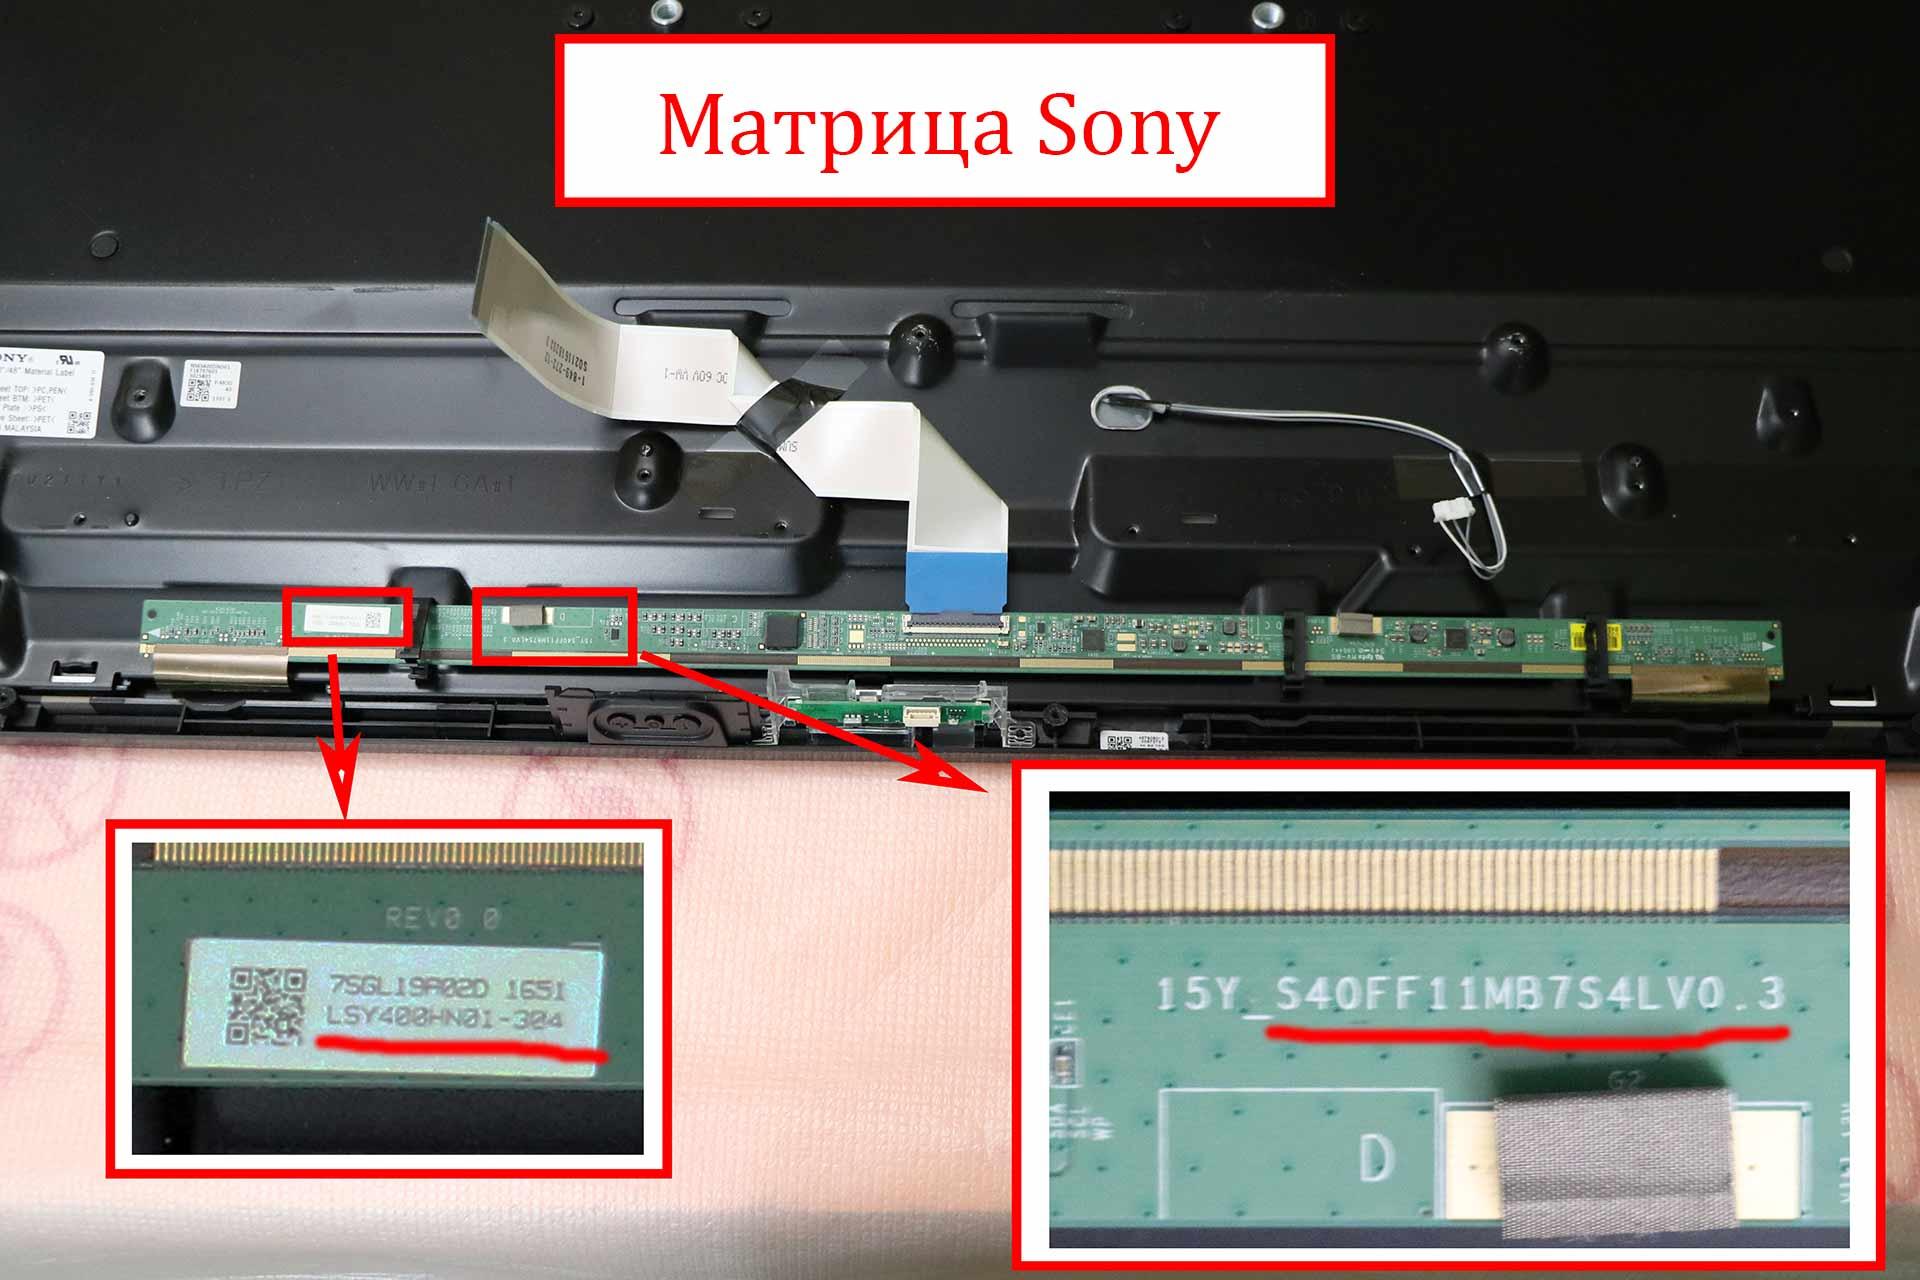 Sony_Матрица